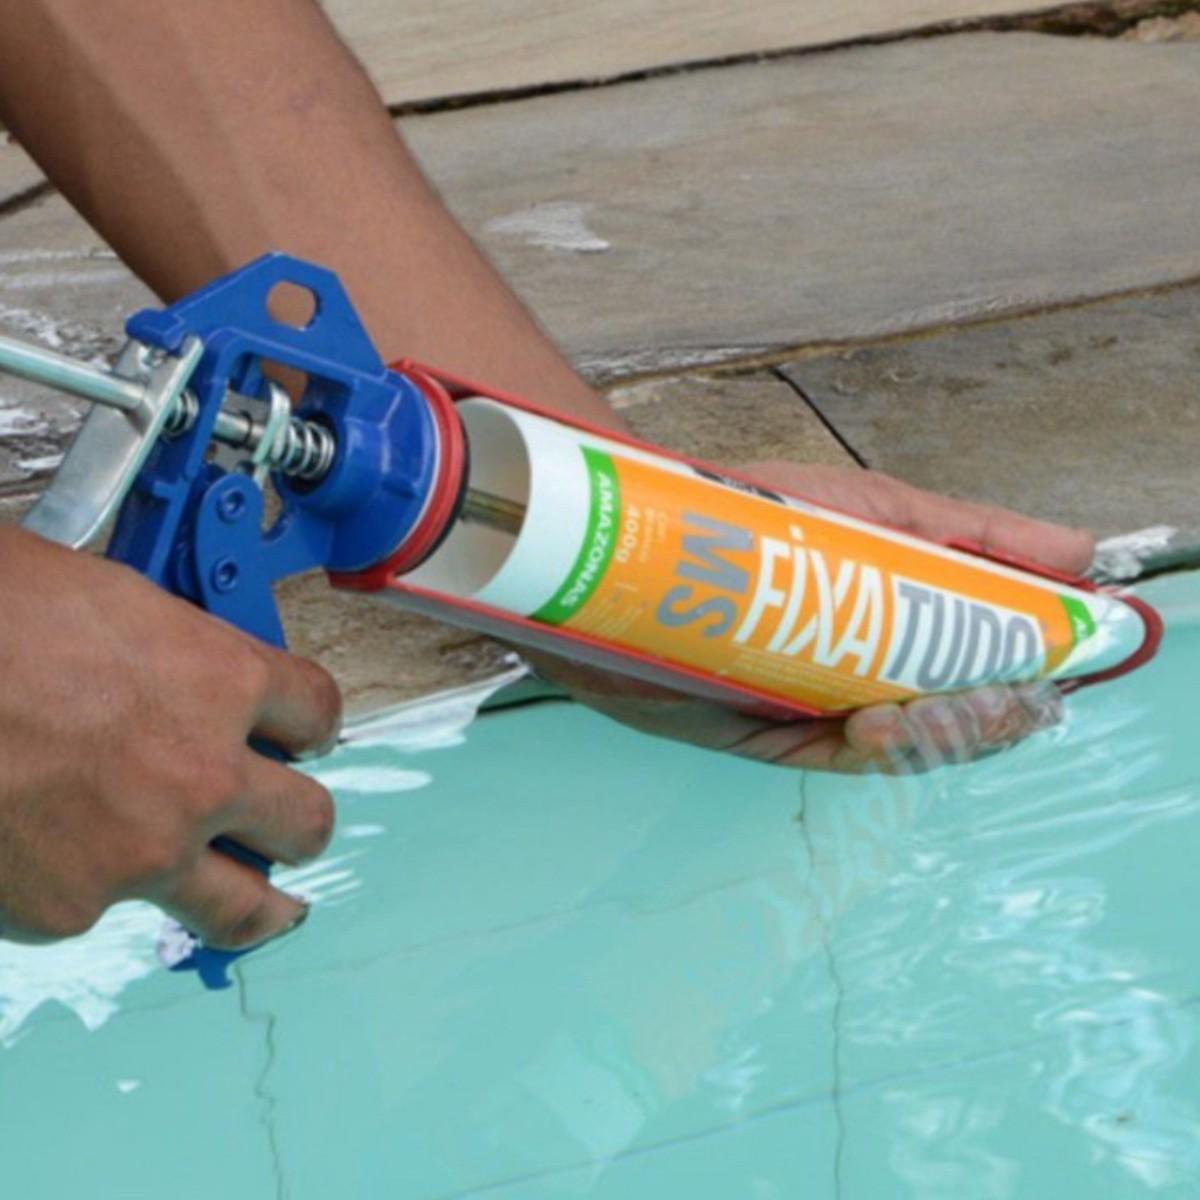 Kit 5 Cola Fixa Tudo Ms 400g Amazonas